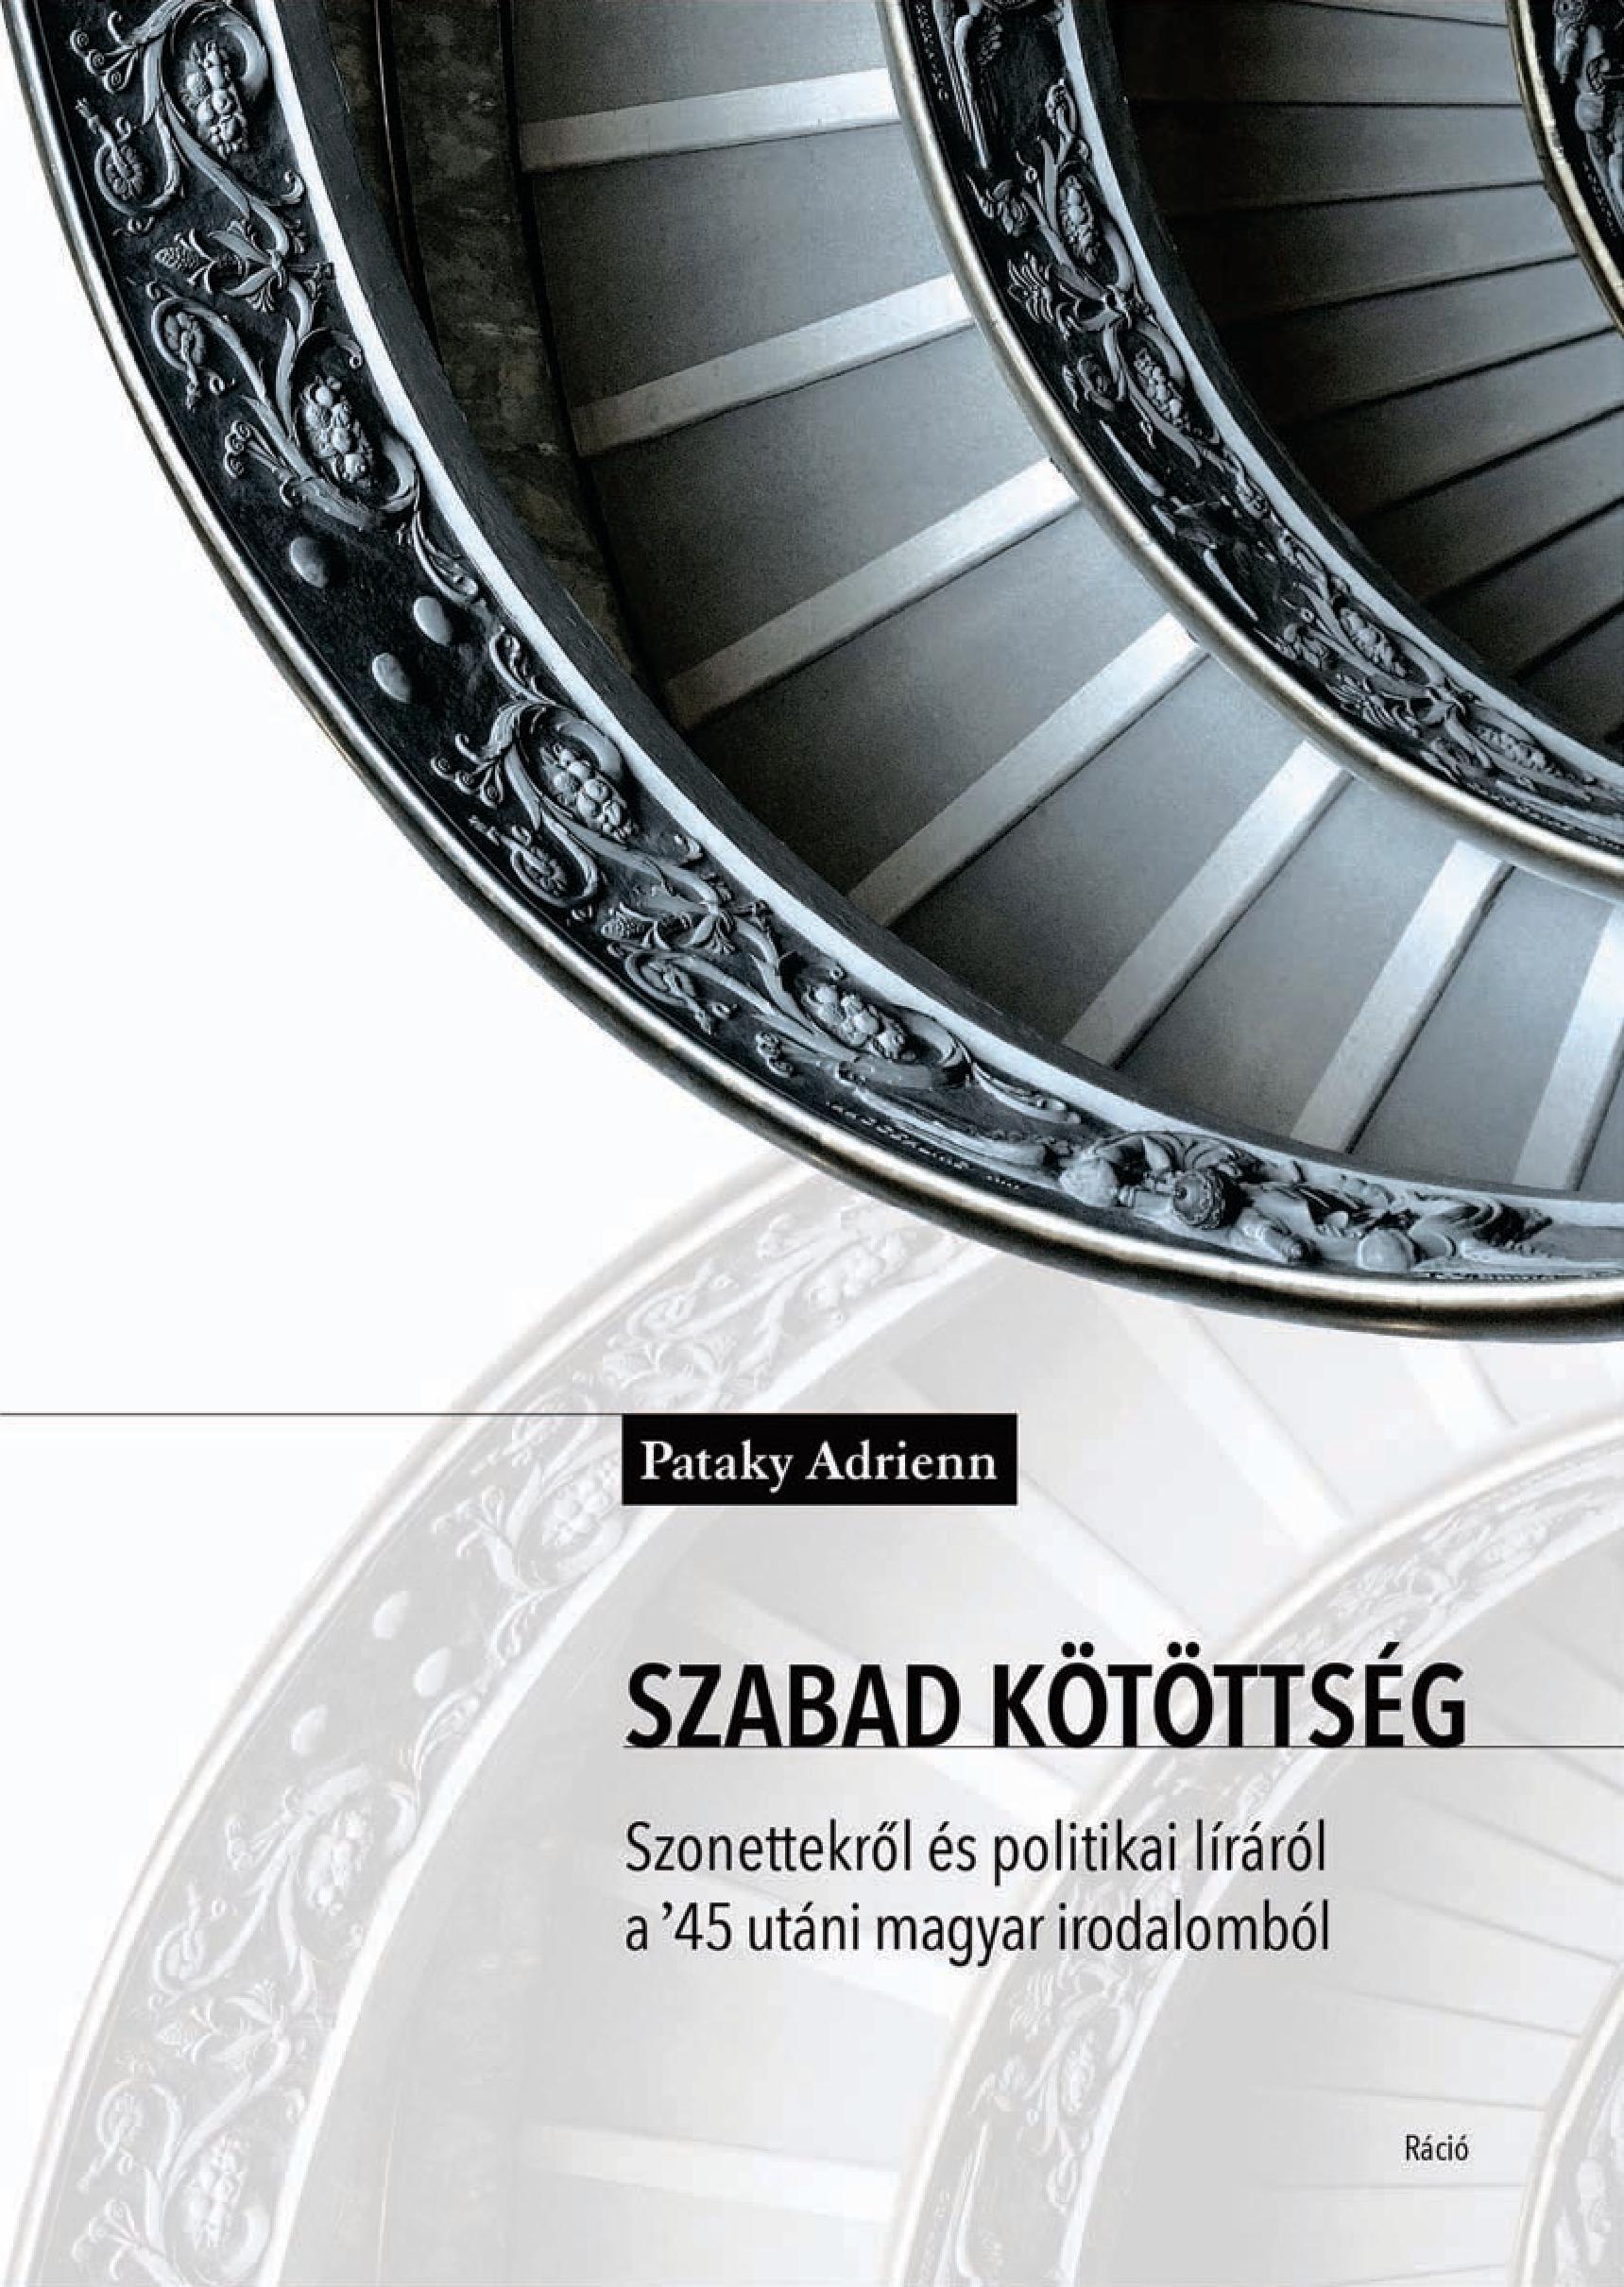 PatakyA_Szabad_k_elso borito